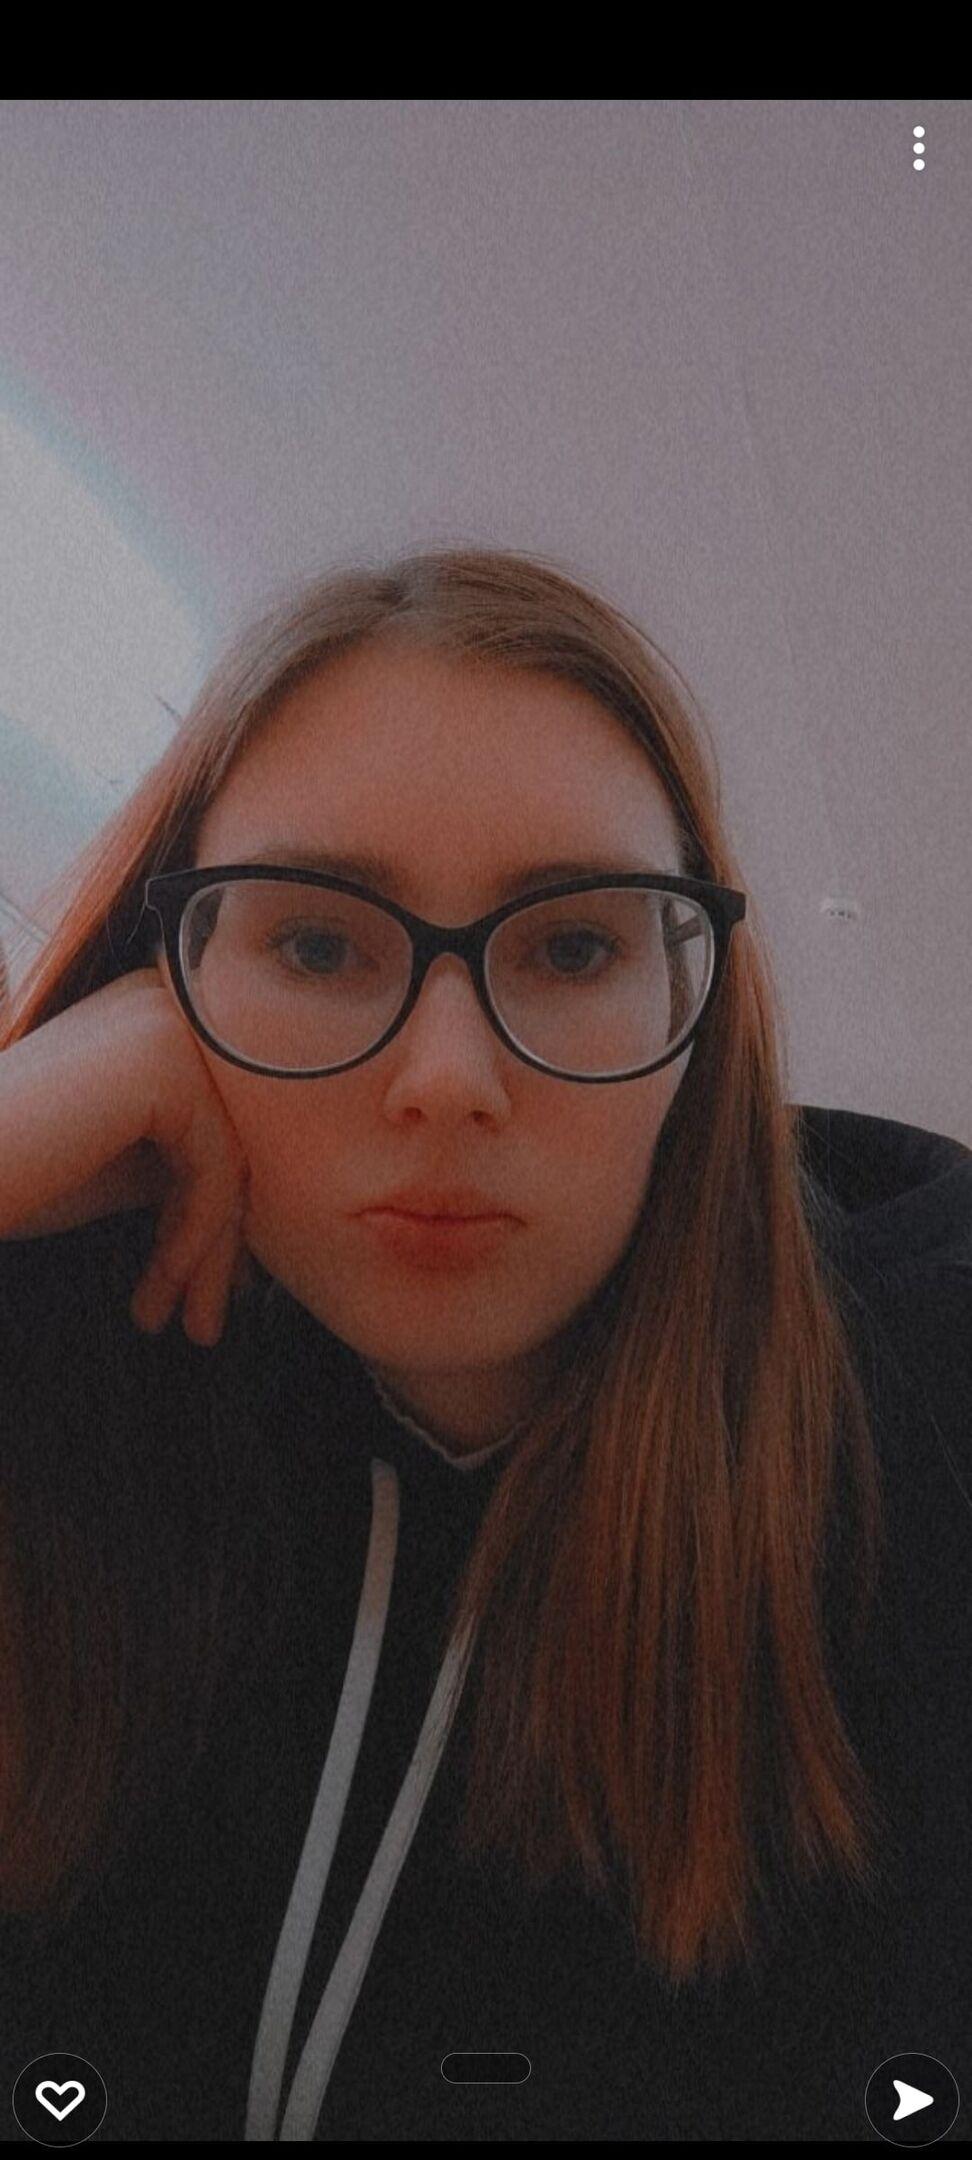 Знакомства Казань, фото девушки Милена, 18 лет, познакомится для флирта, любви и романтики